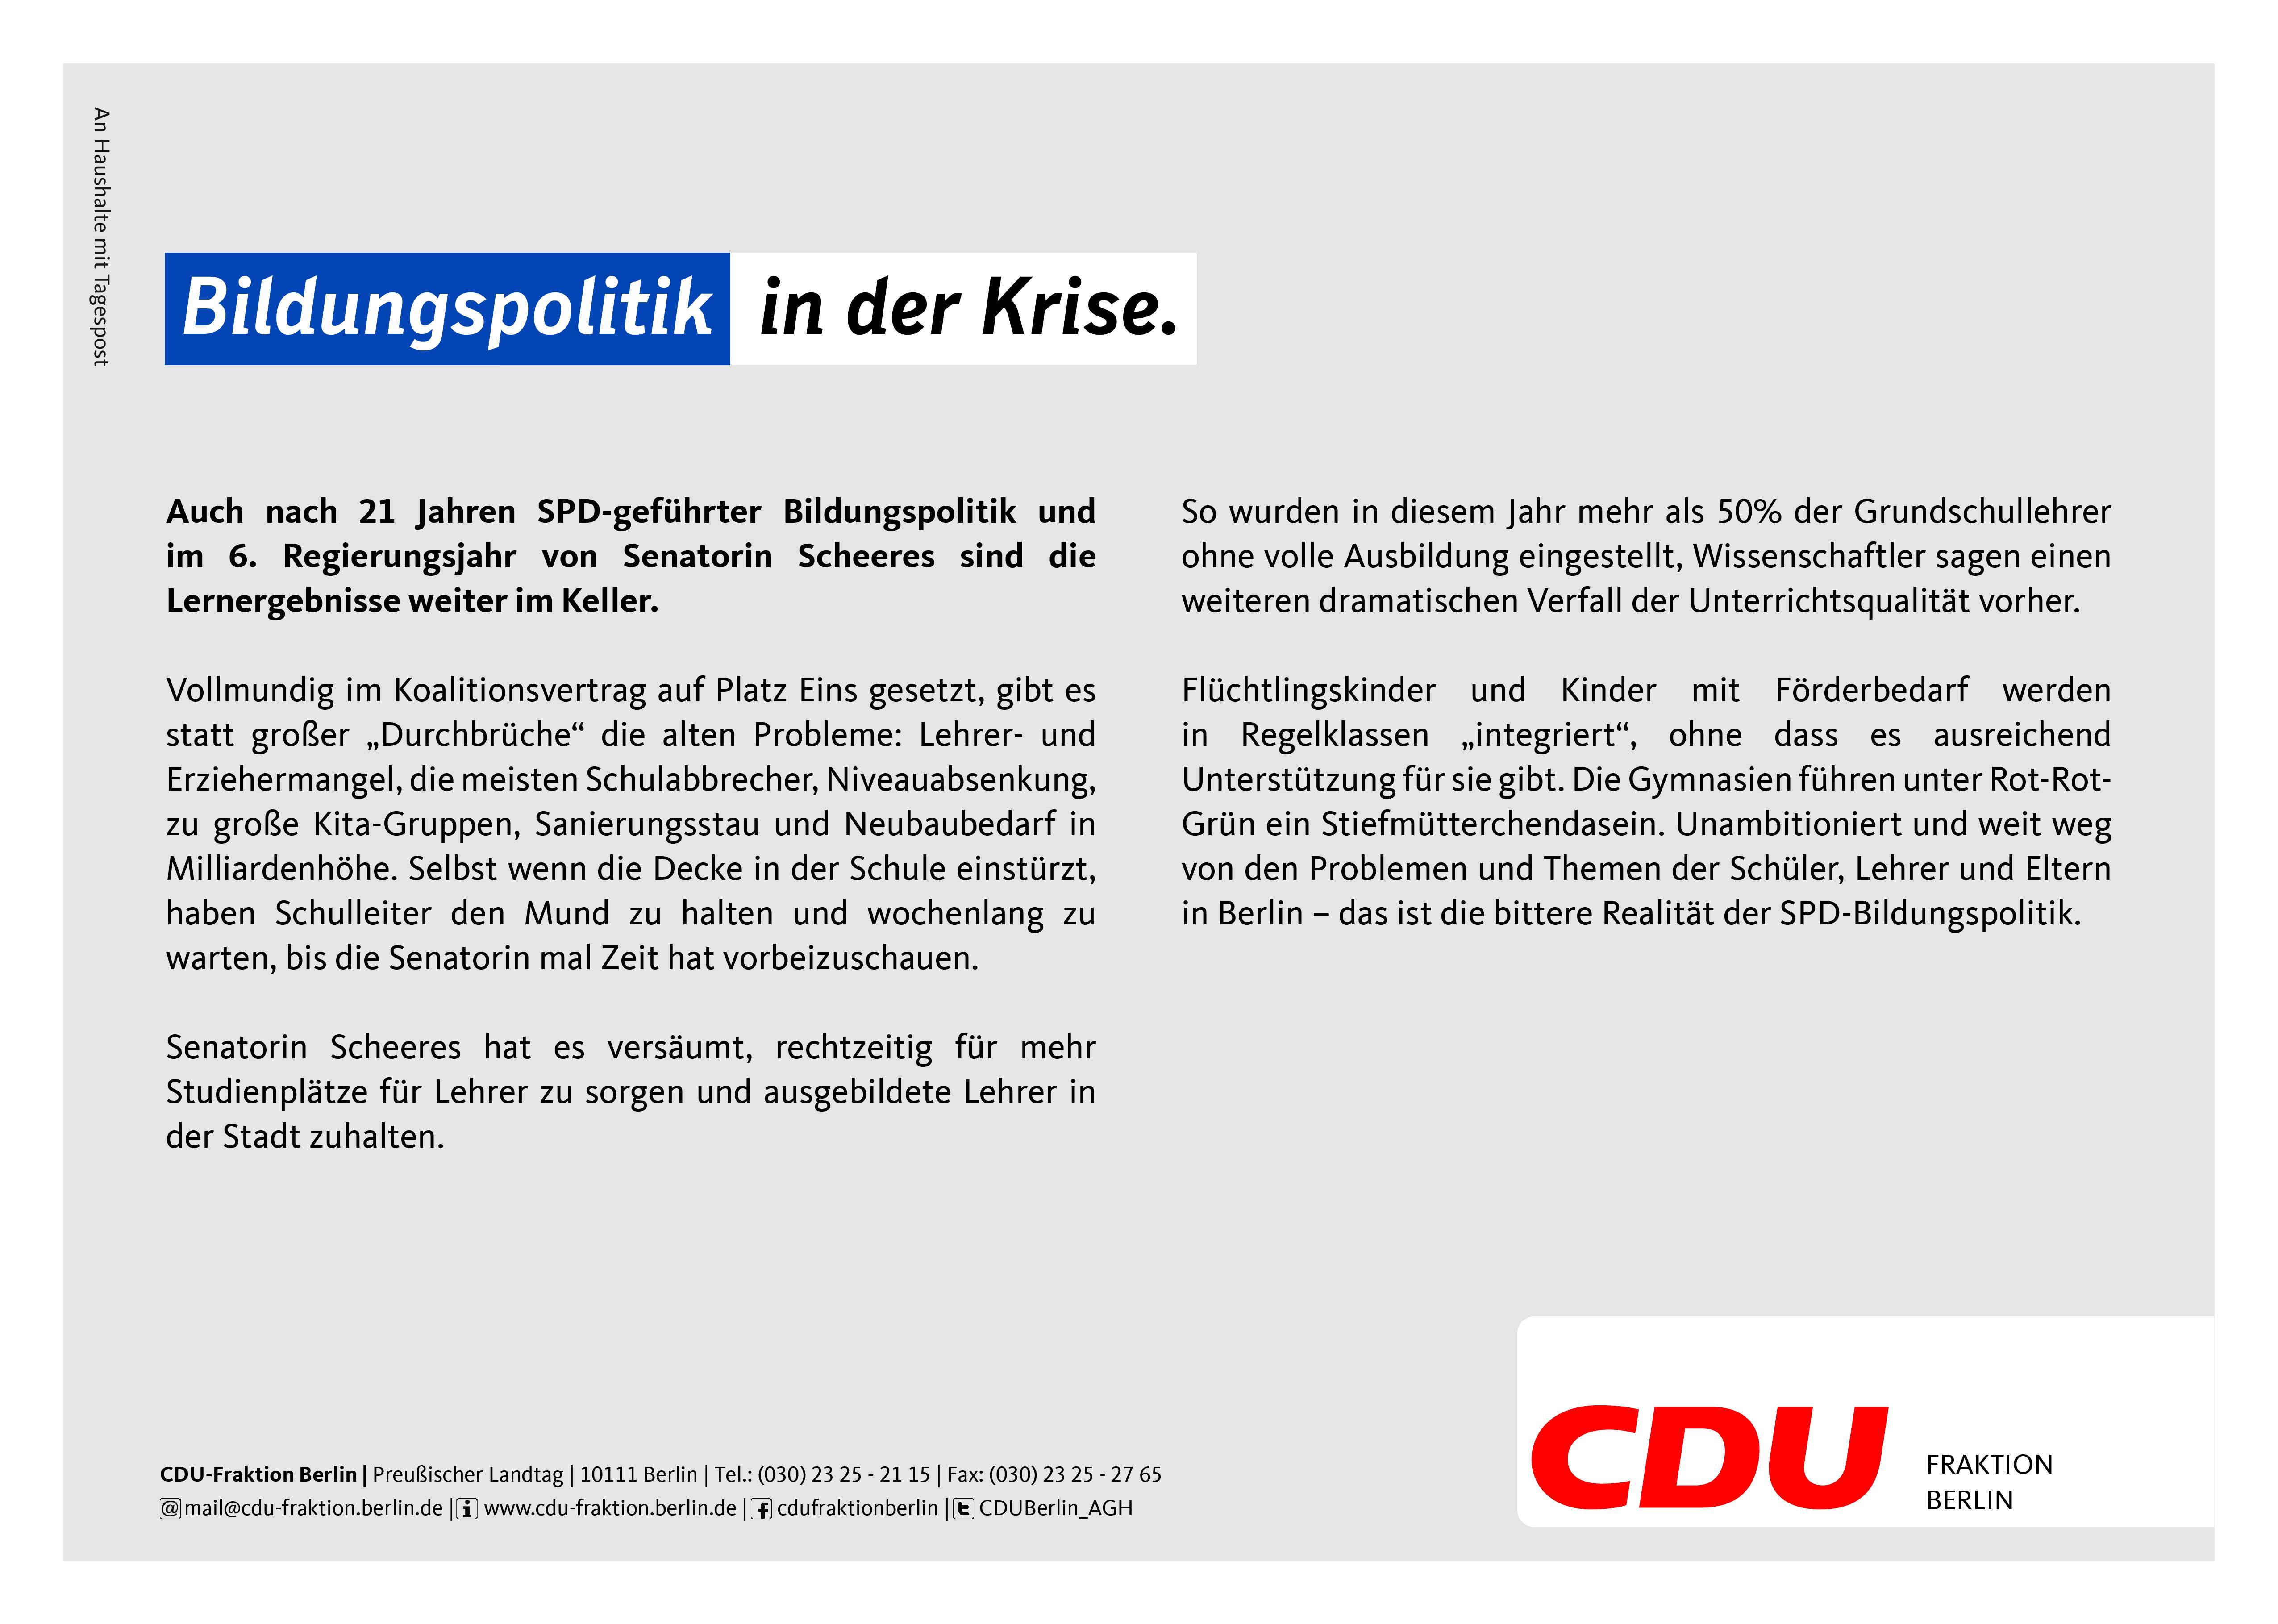 CDU-Fraktion Berlin - Nichts zu feiern mit dieser Regierung.